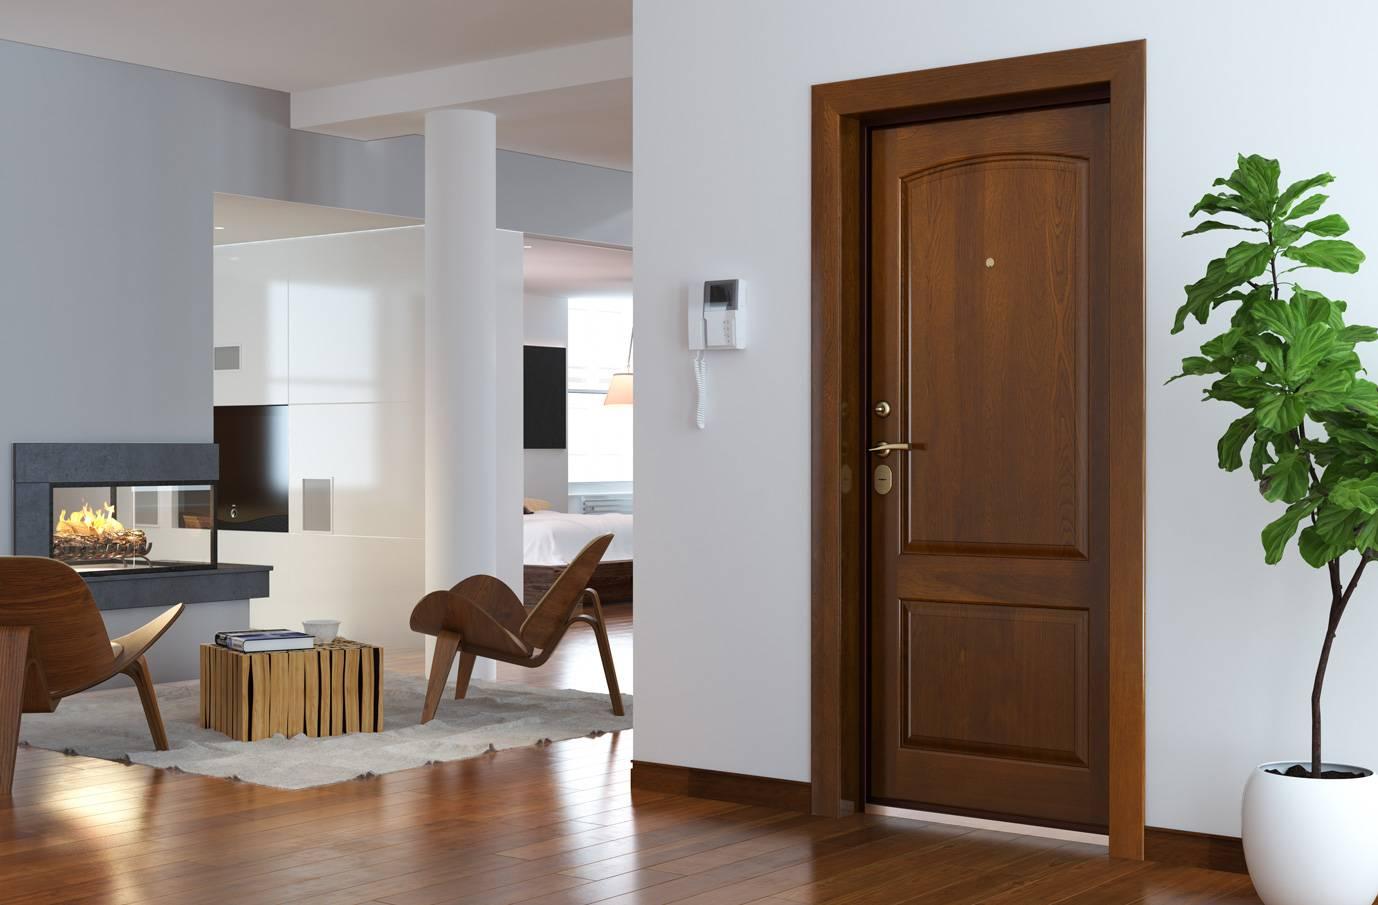 Установка добора на дверь - инструкция по выполнению работ